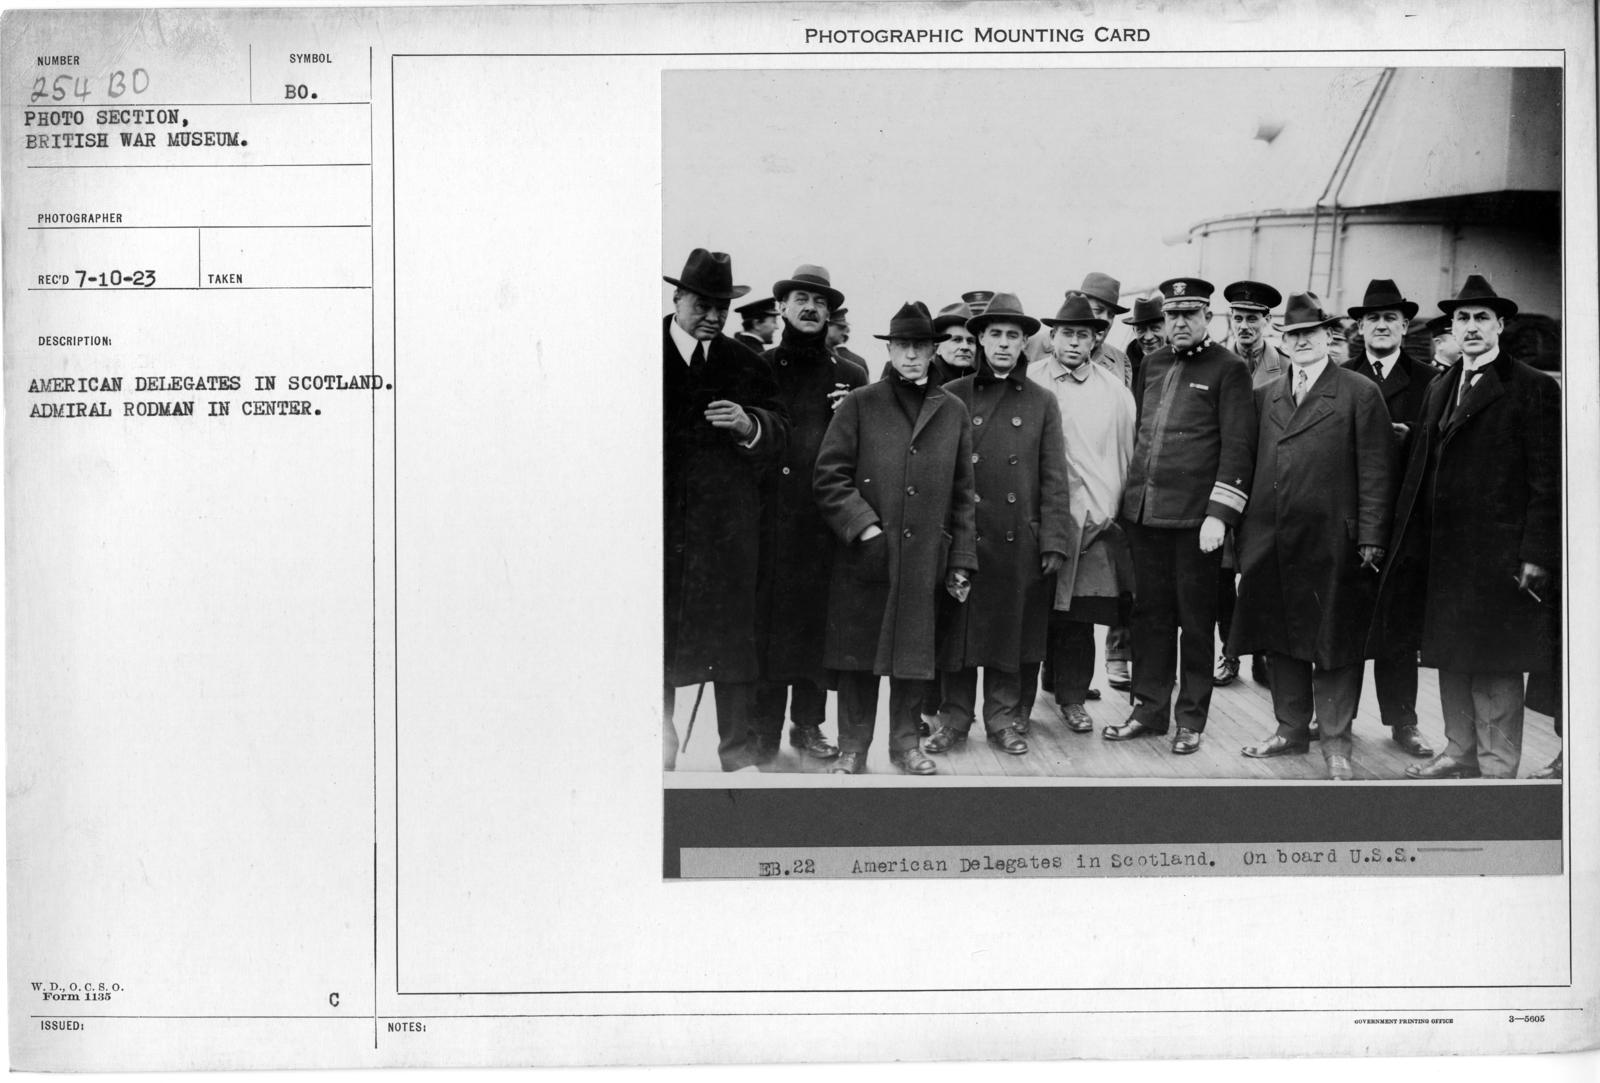 American delegates in Scotland. Admiral Rodman in center